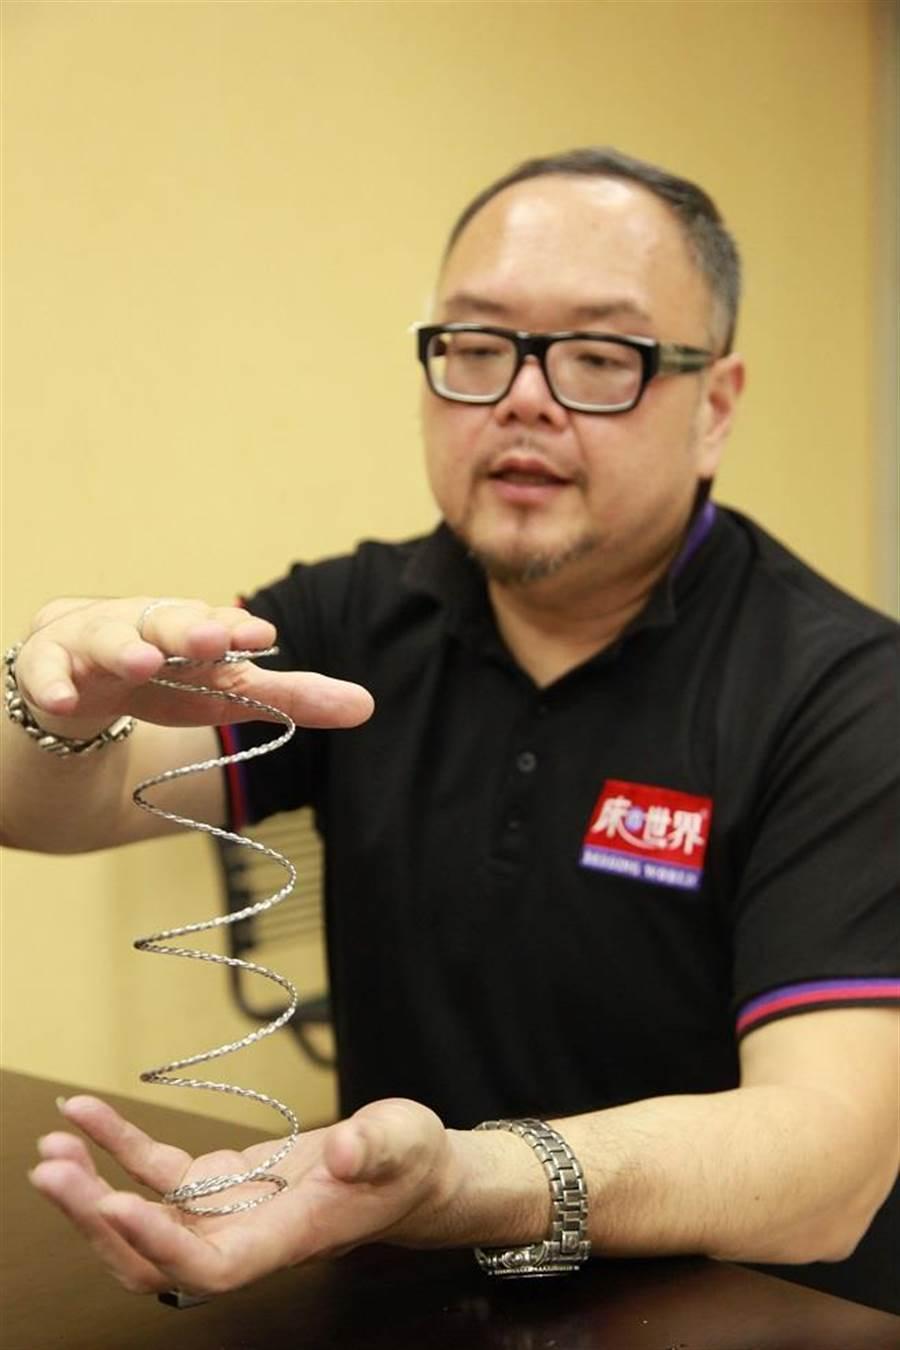 「床的世界」開發出第六代子彈型電纜式獨立筒彈簧。由三條鋼線交織成電纜式彈簧,特殊強化結構比單條鋼線彈簧強韌162倍耐用度。(圖/廖一德攝)